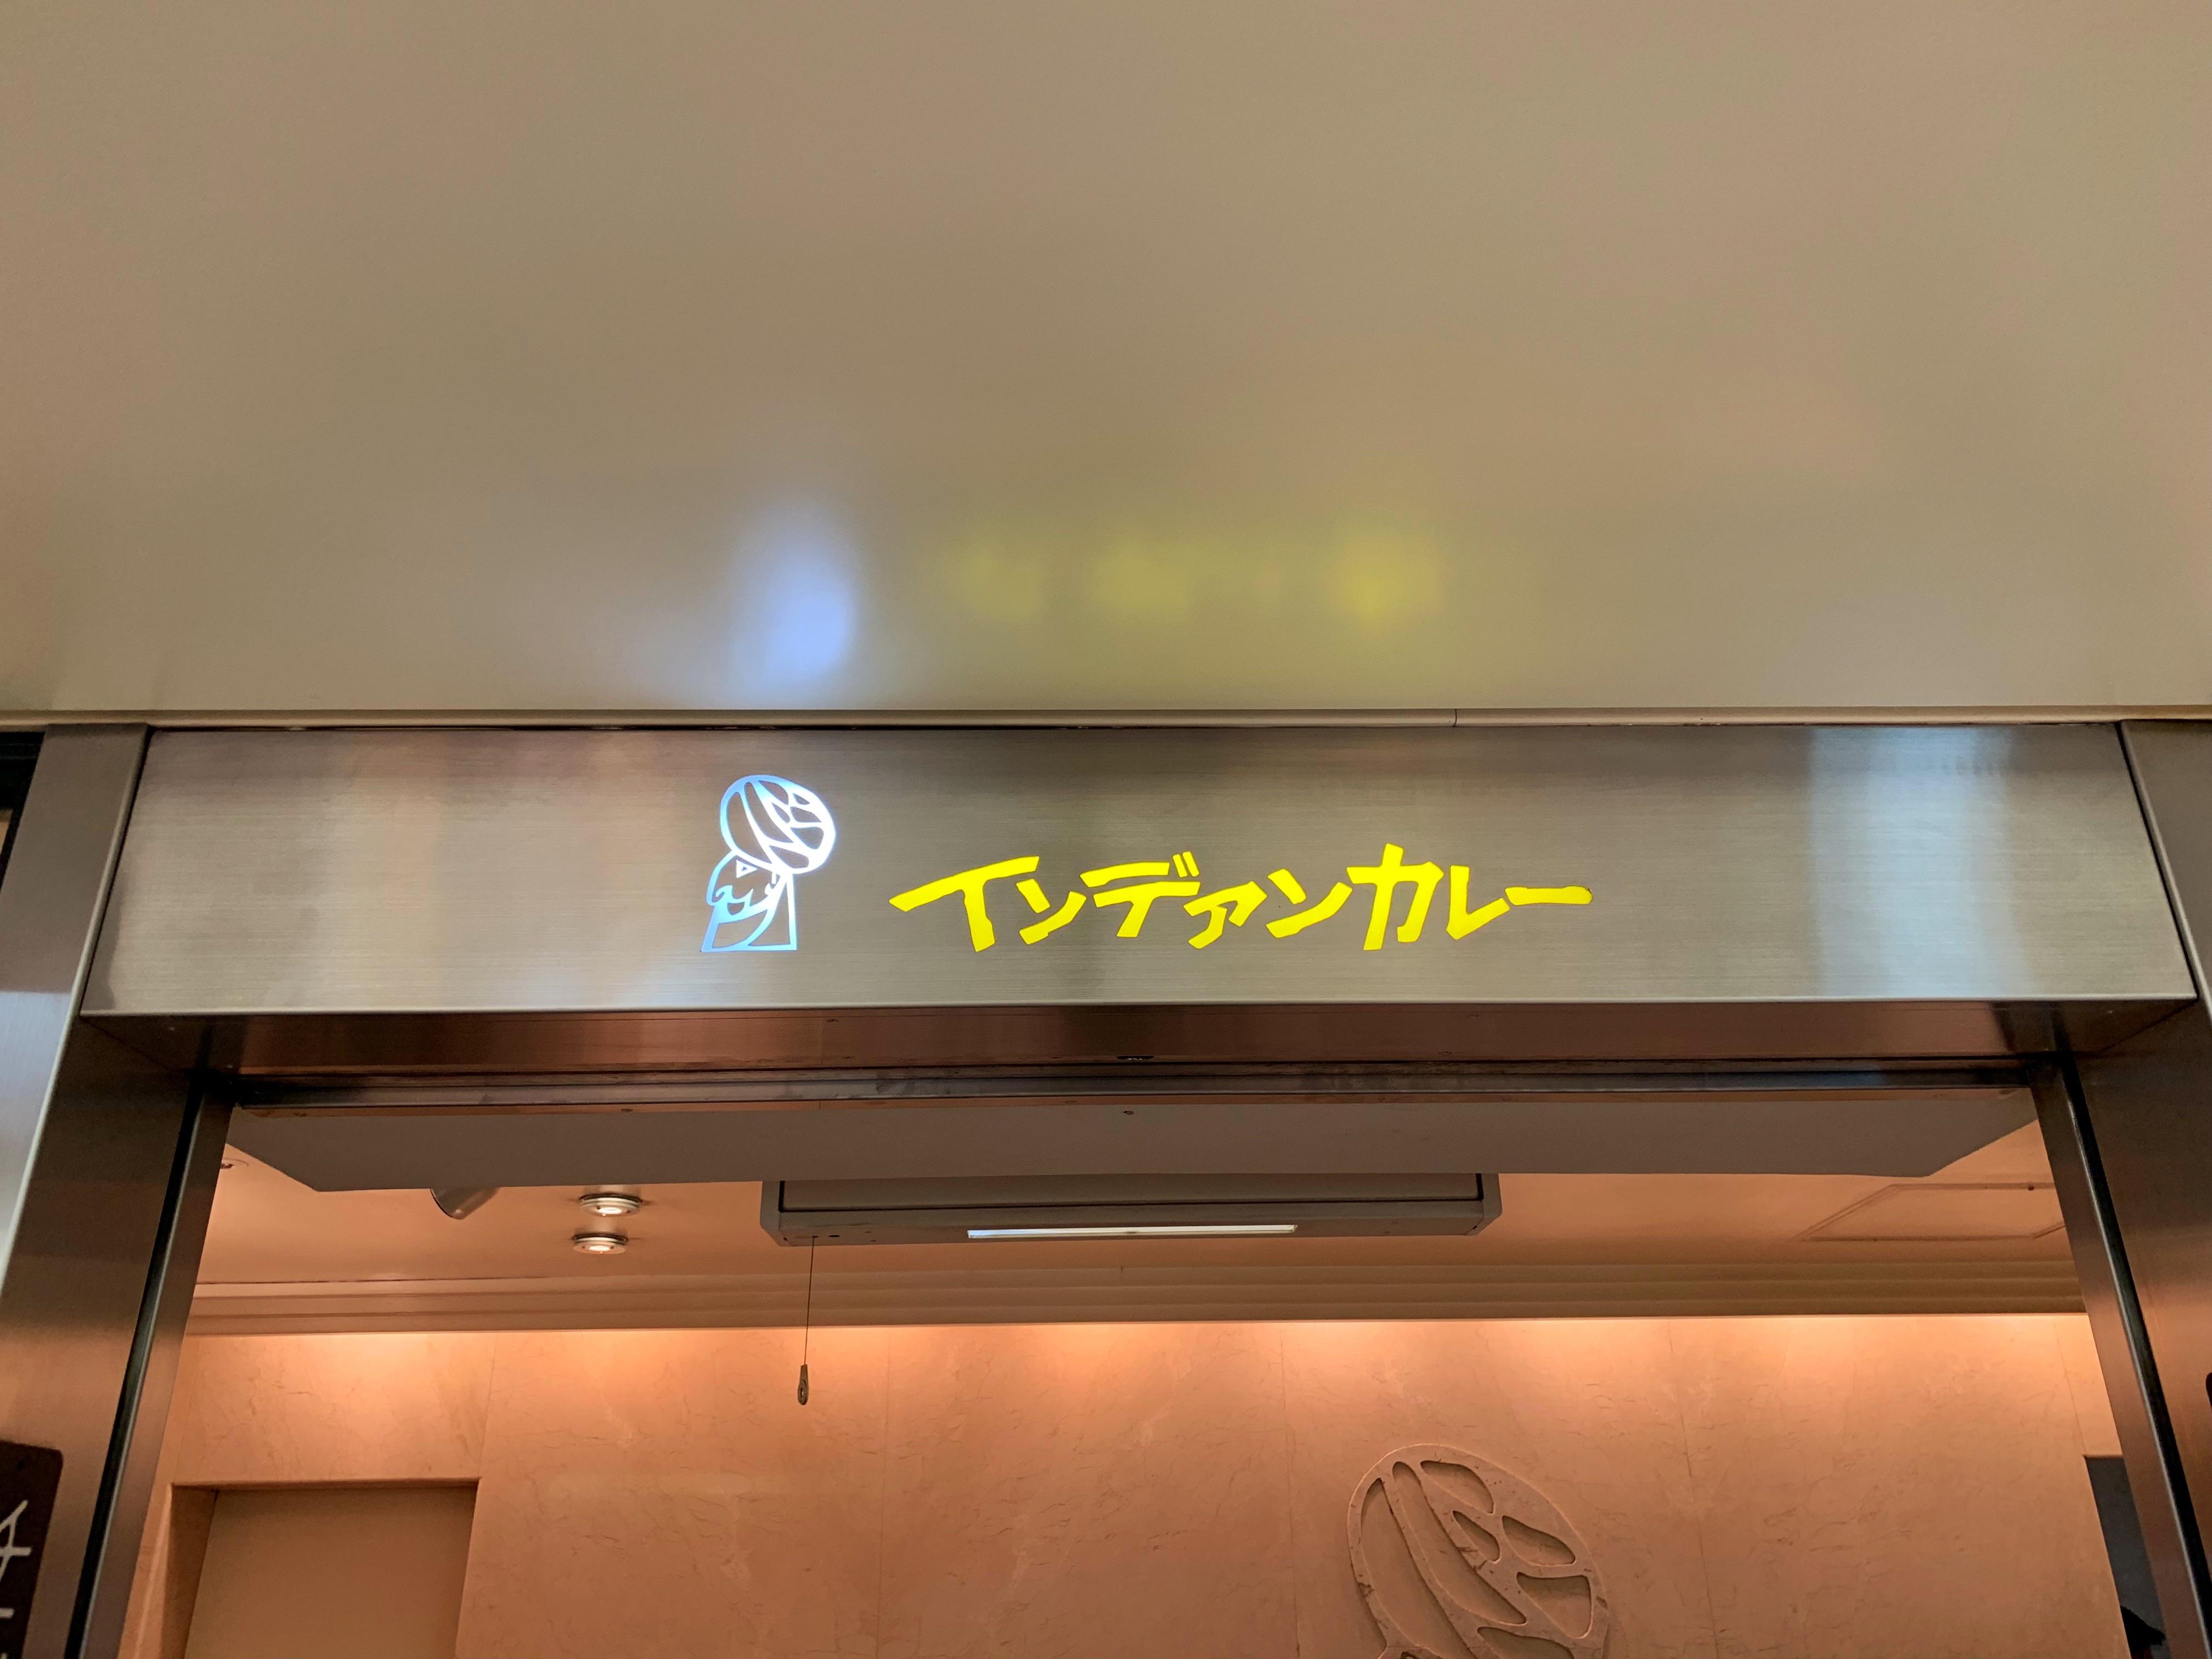 阪急三番街にある人気カレーショップ「インデアンカレー」の看板